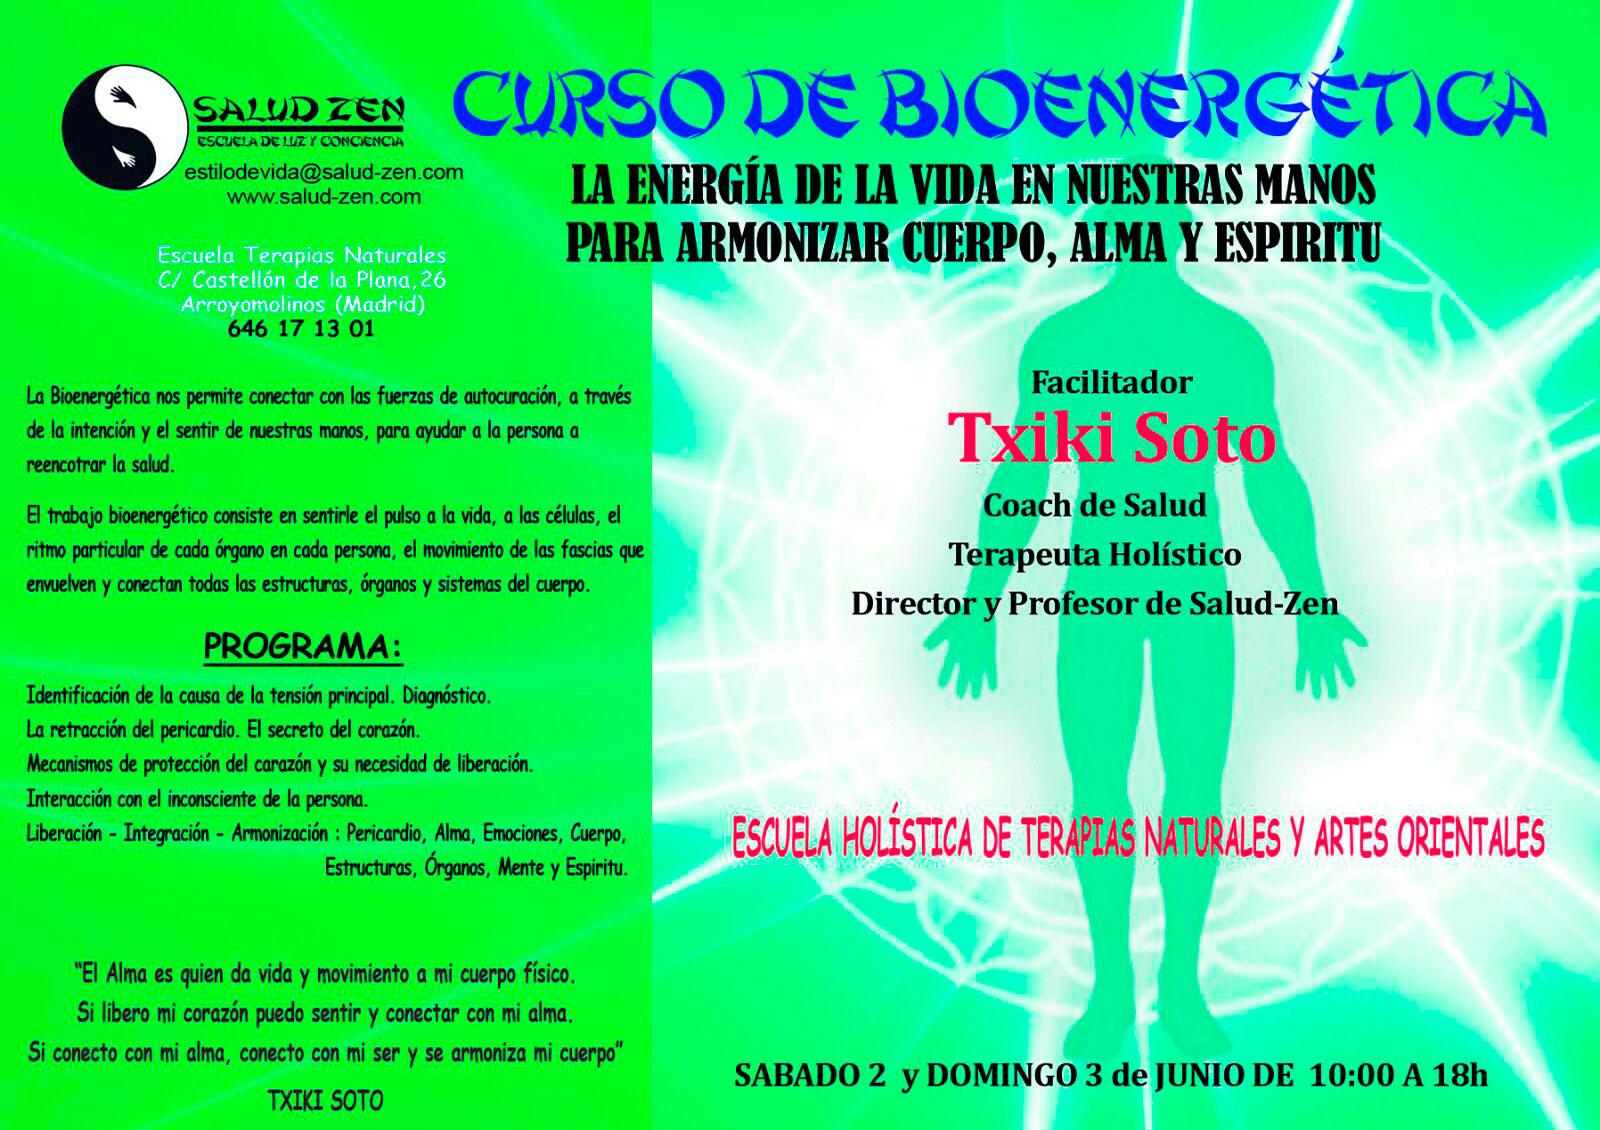 Cursos - Bioenergética